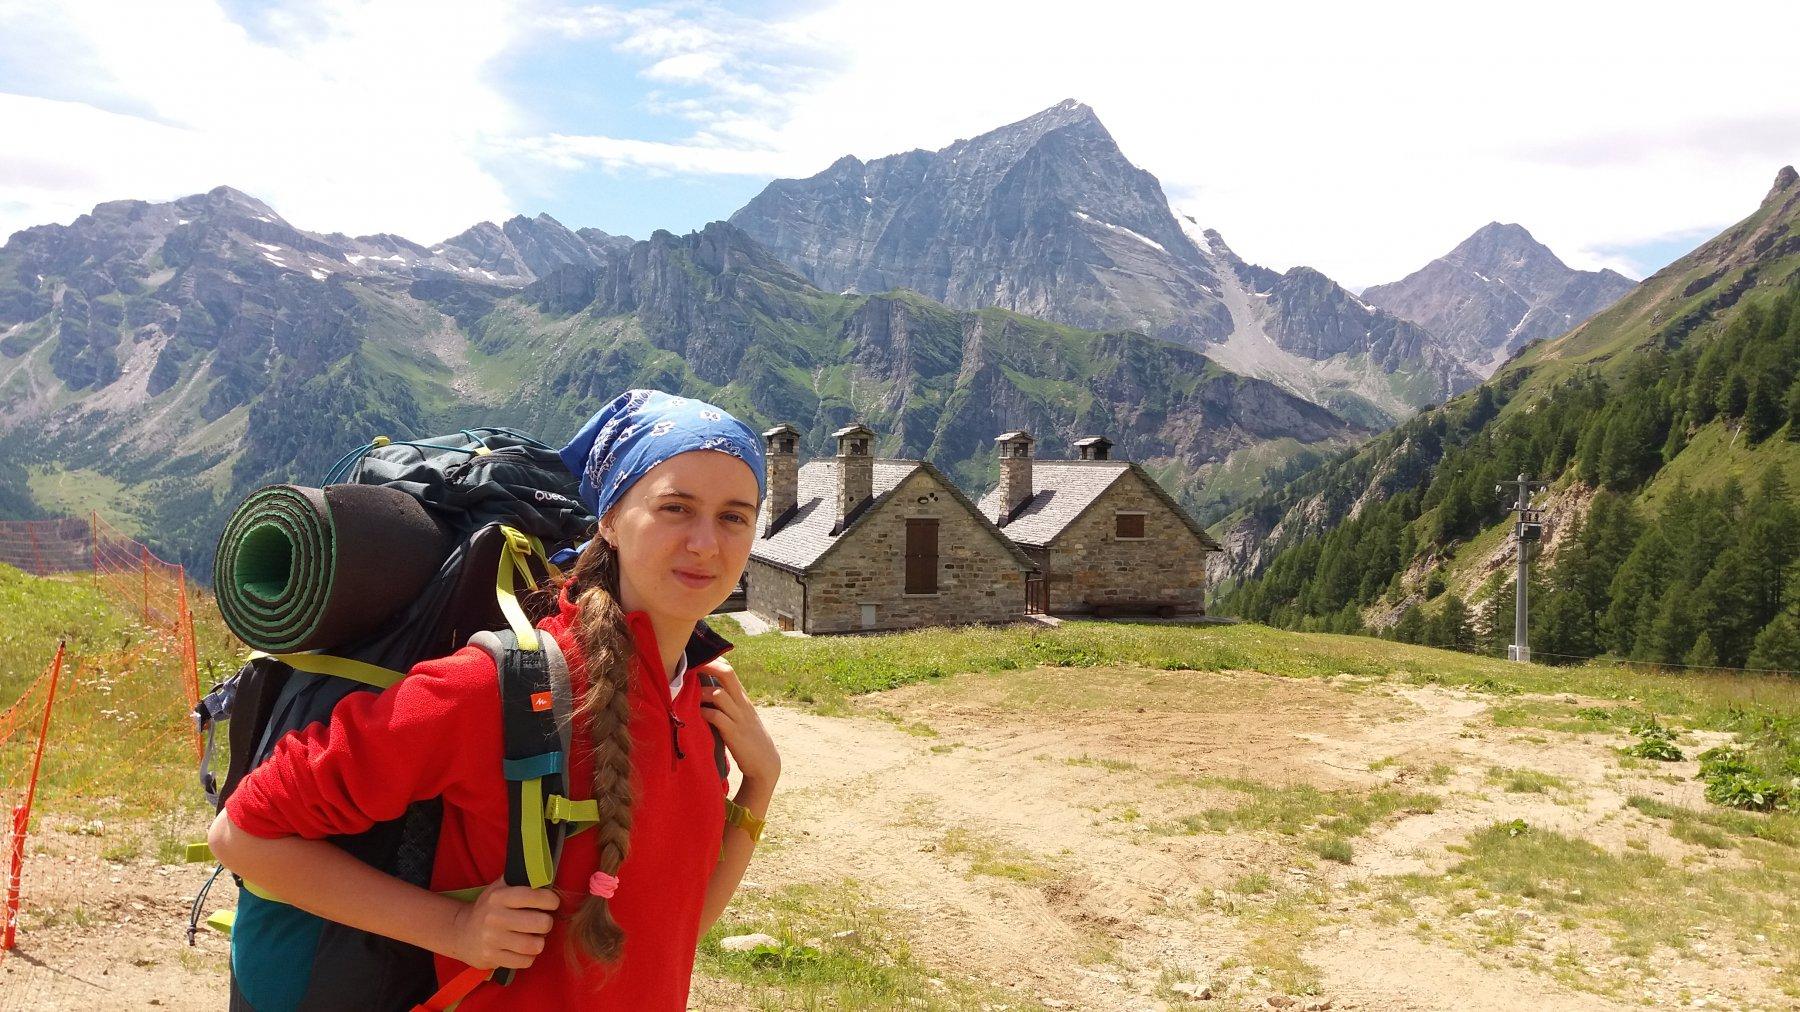 Partenza dall'alpe Ciamporino